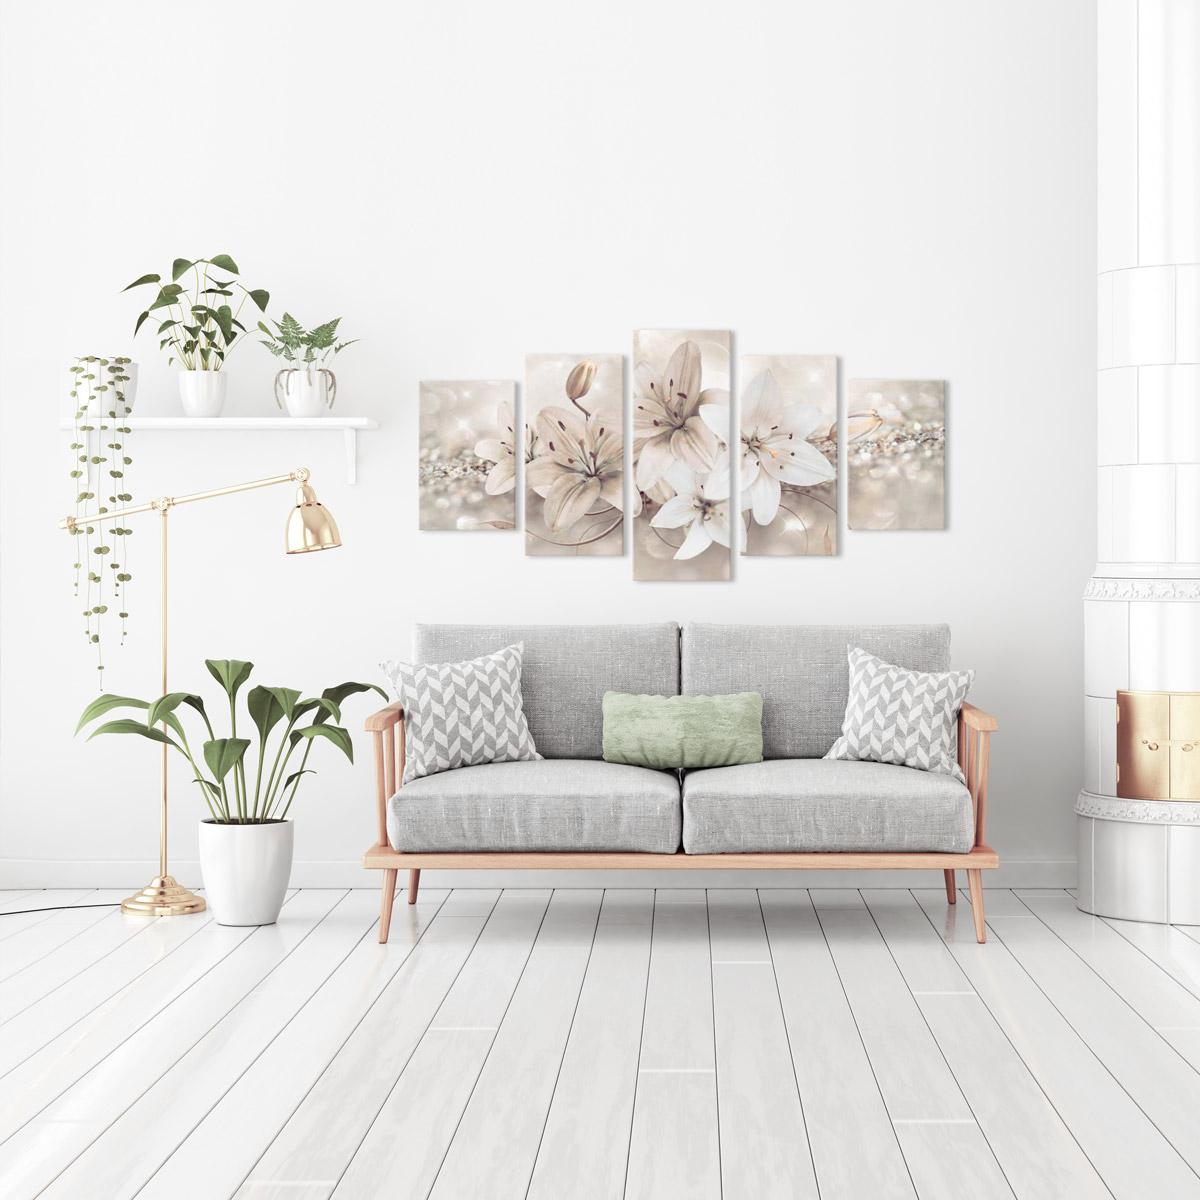 tableaux coquelicots collection de d corations murales bimago. Black Bedroom Furniture Sets. Home Design Ideas